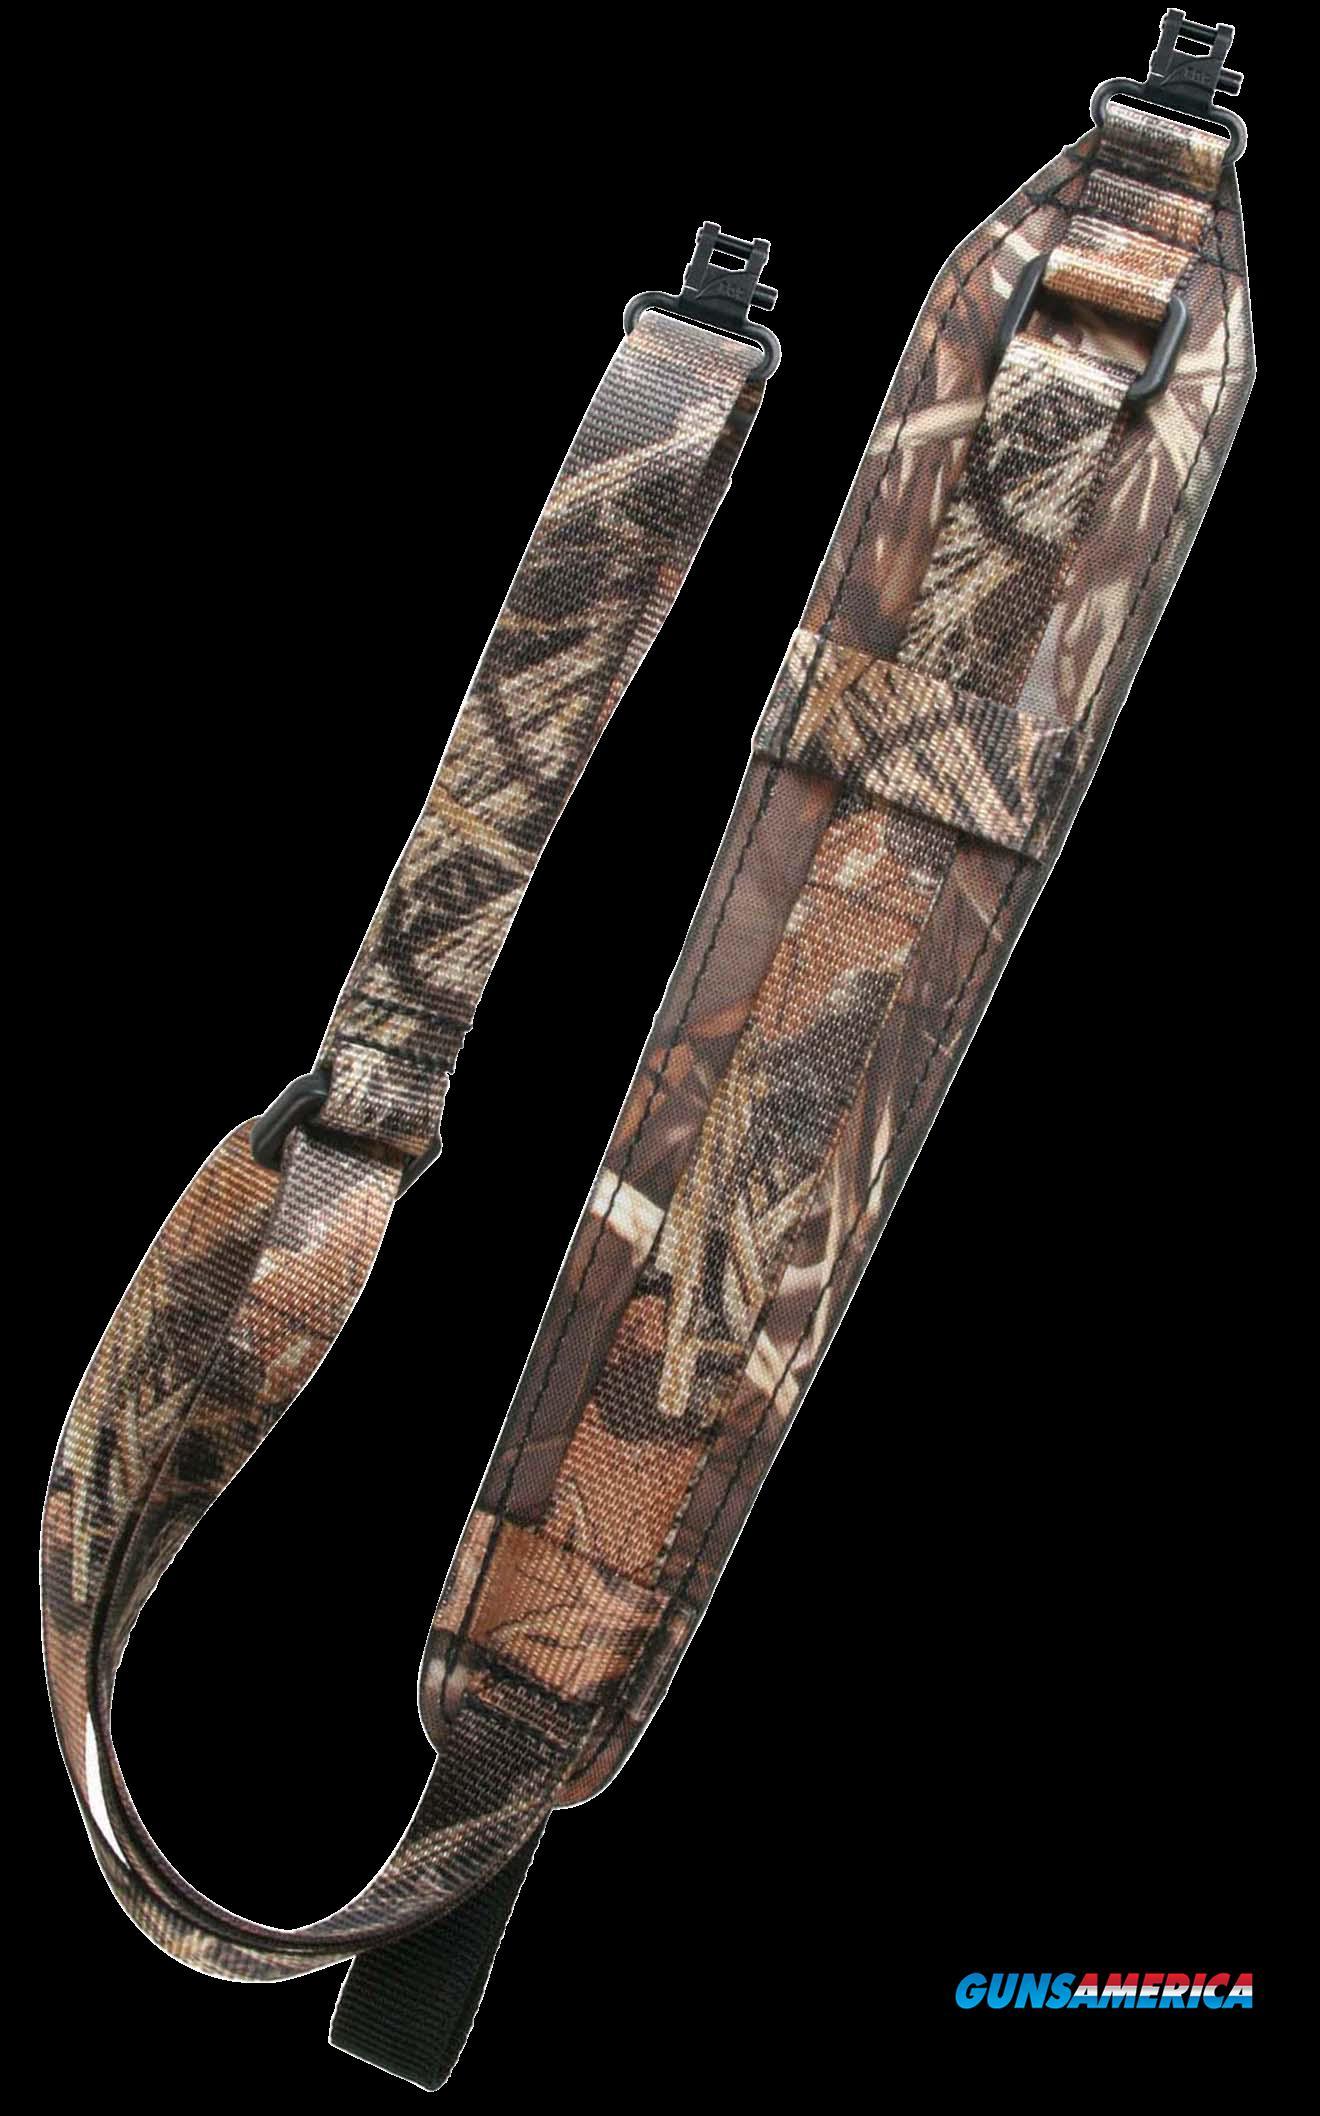 Boyt Harness Super, Out Ad20923      Pad Sup Sling  W-swv Amx5  Guns > Pistols > 1911 Pistol Copies (non-Colt)